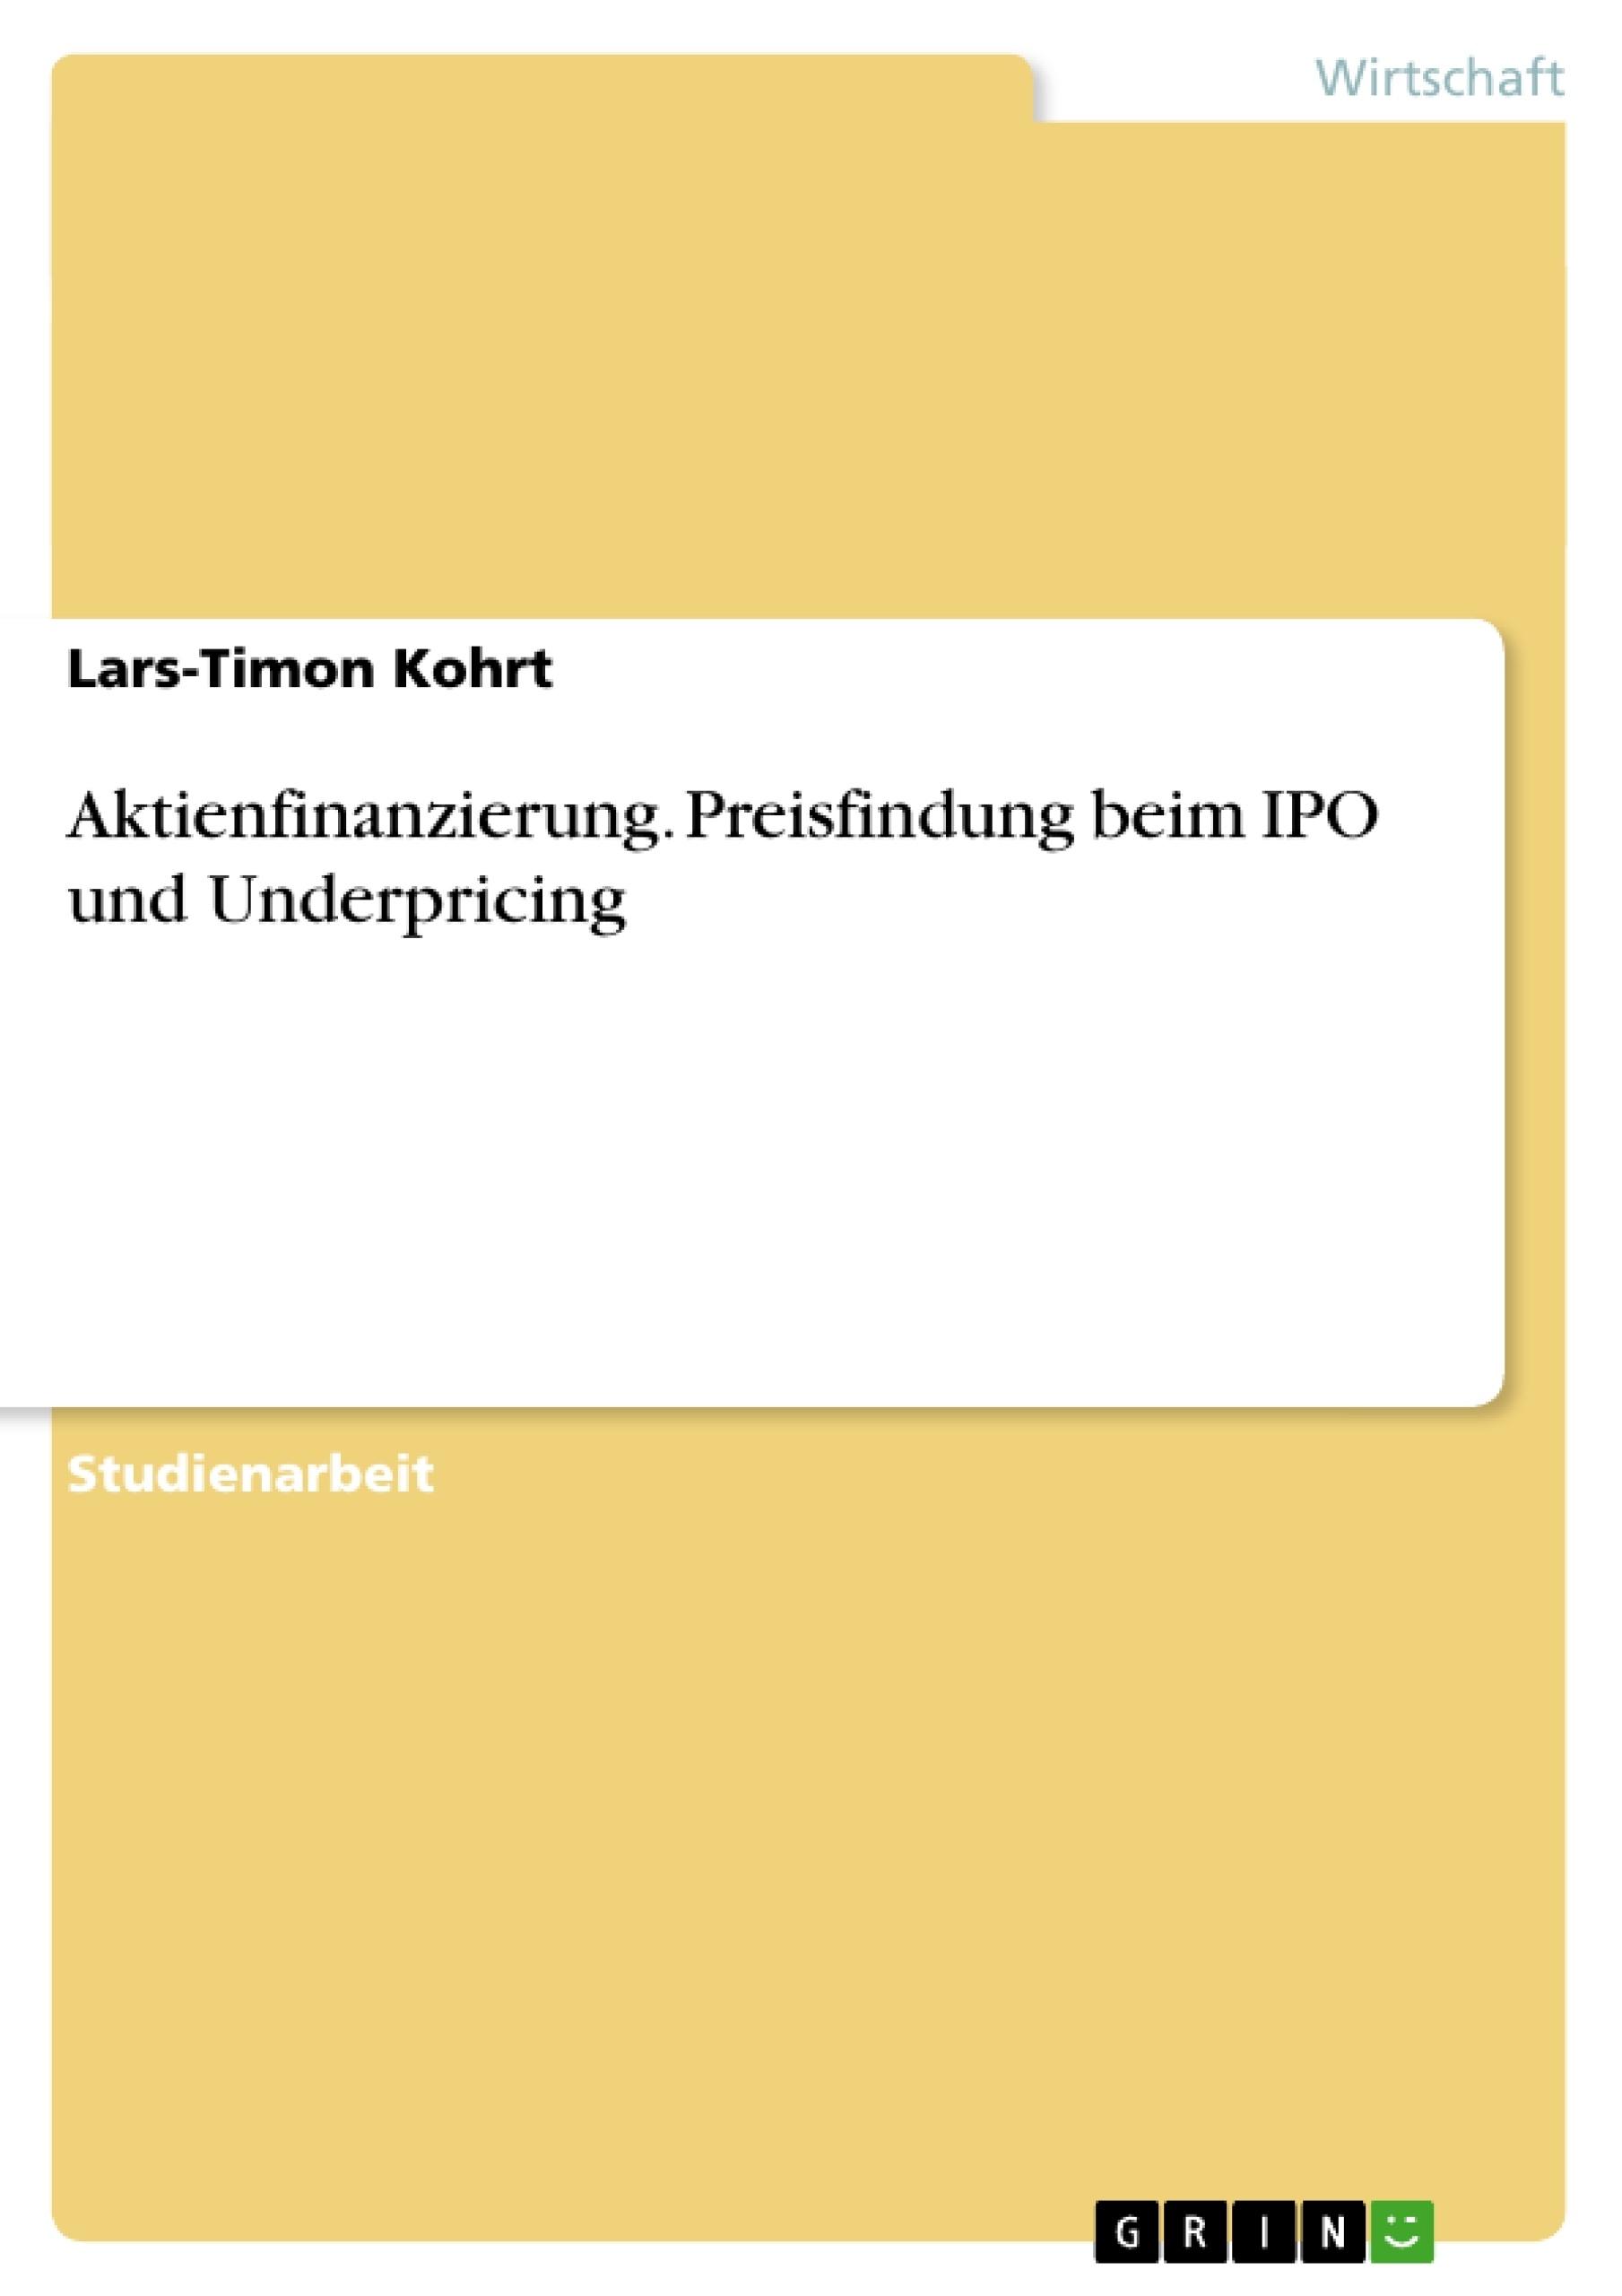 Titel: Aktienfinanzierung. Preisfindung beim IPO und Underpricing